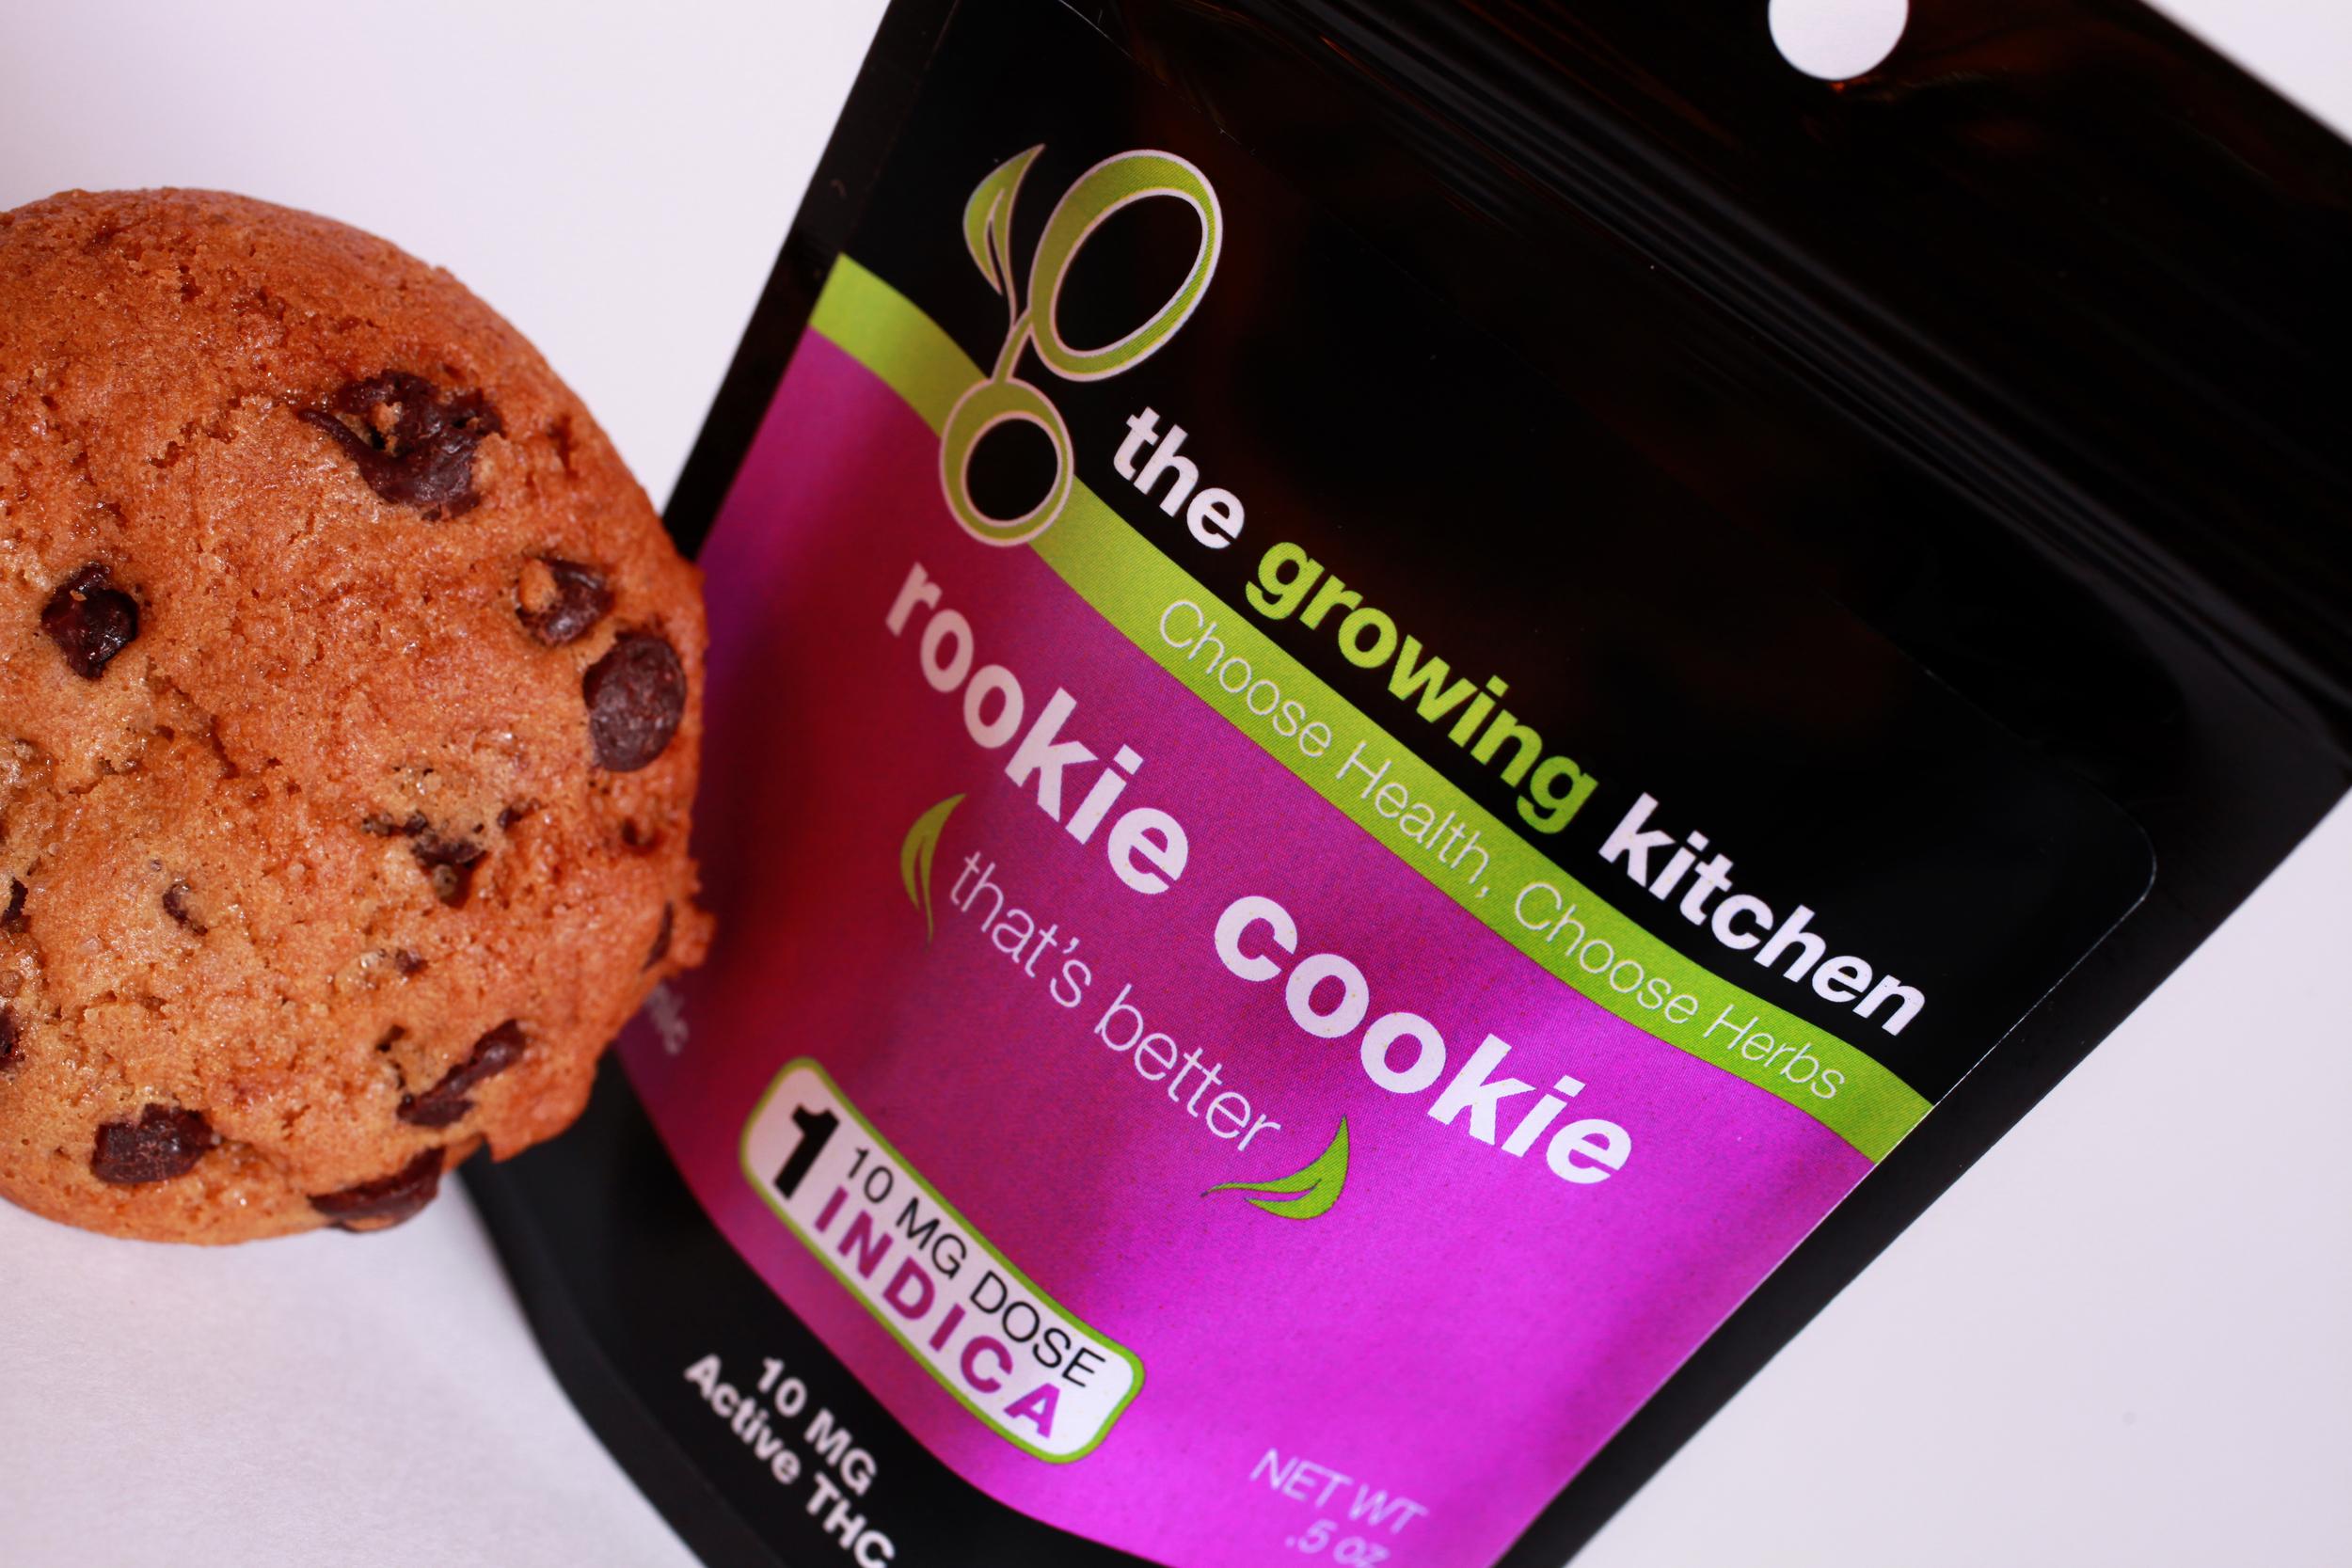 Rookie Cookie Indica 2-coloredit.jpg